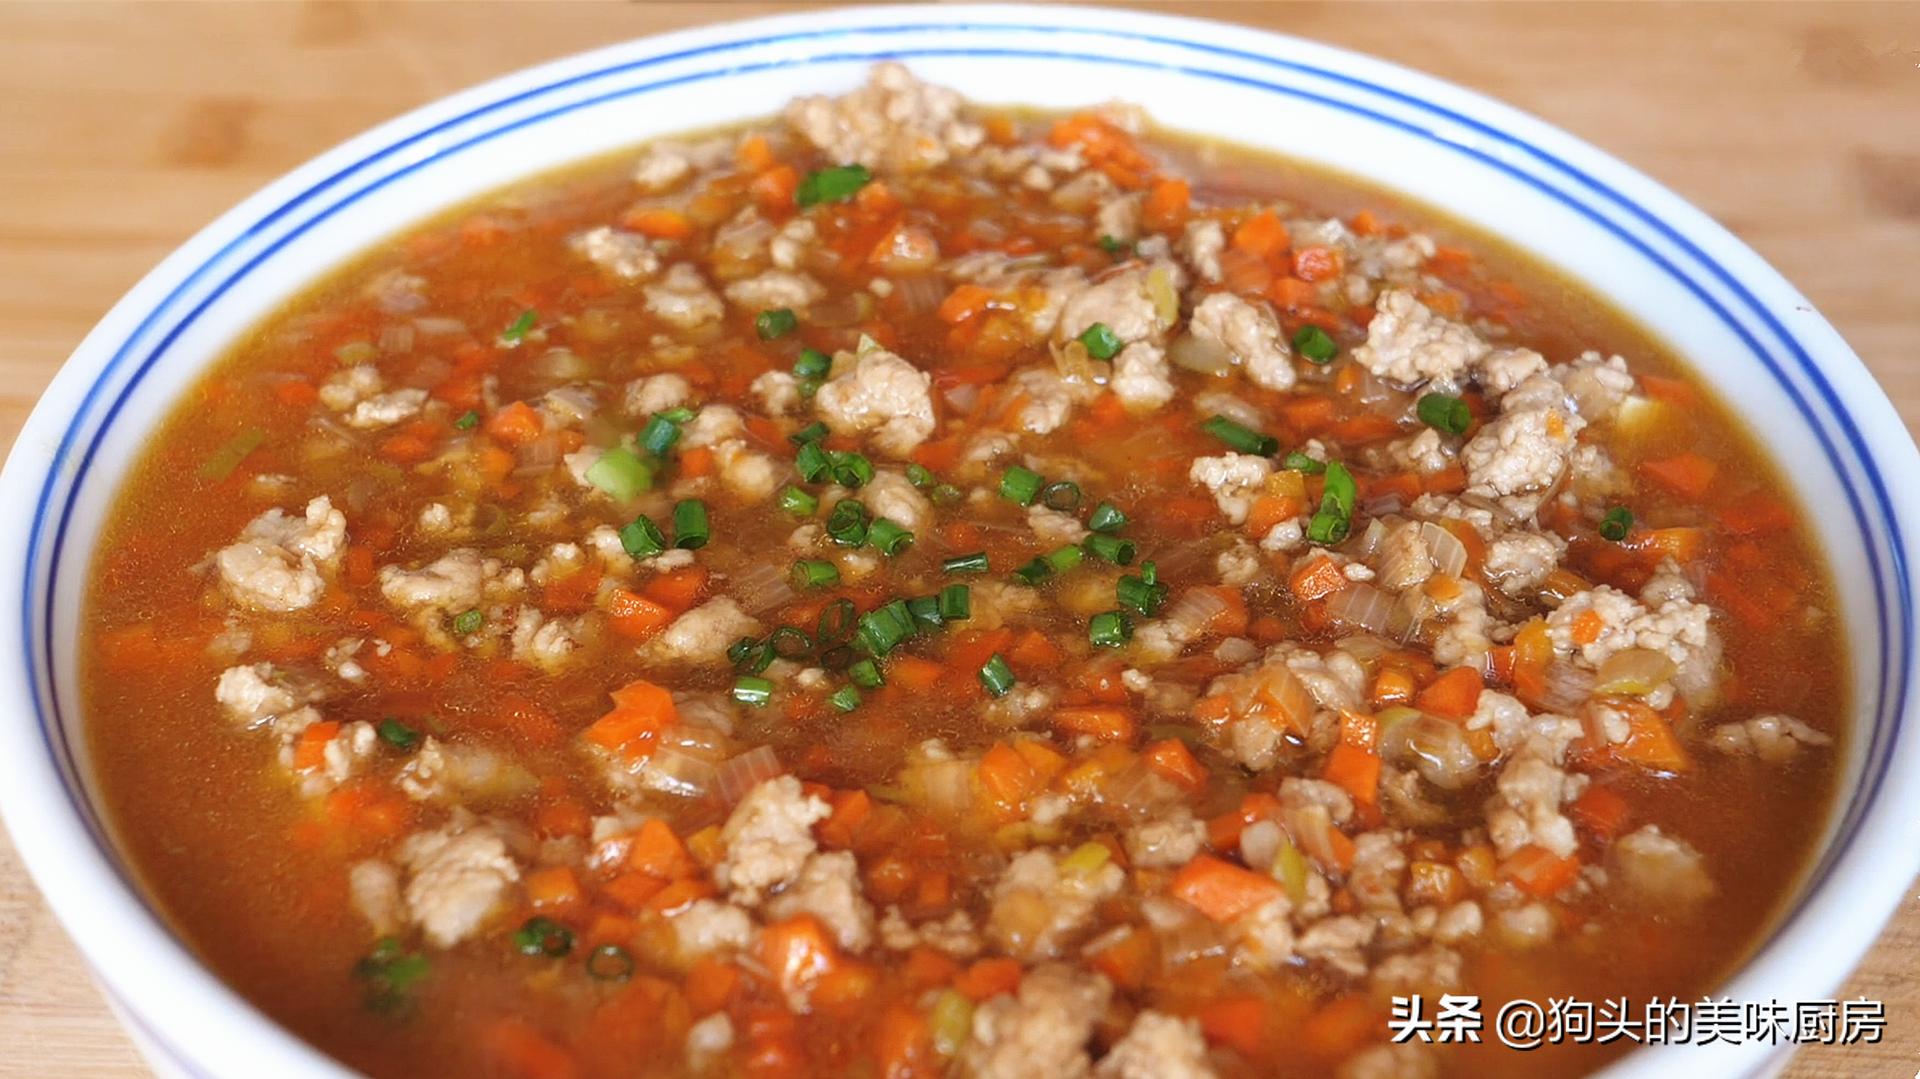 豆腐切成丁,不炒不煎不油炸,连吃一个月也不腻,营养丰富又美味 美食做法 第2张